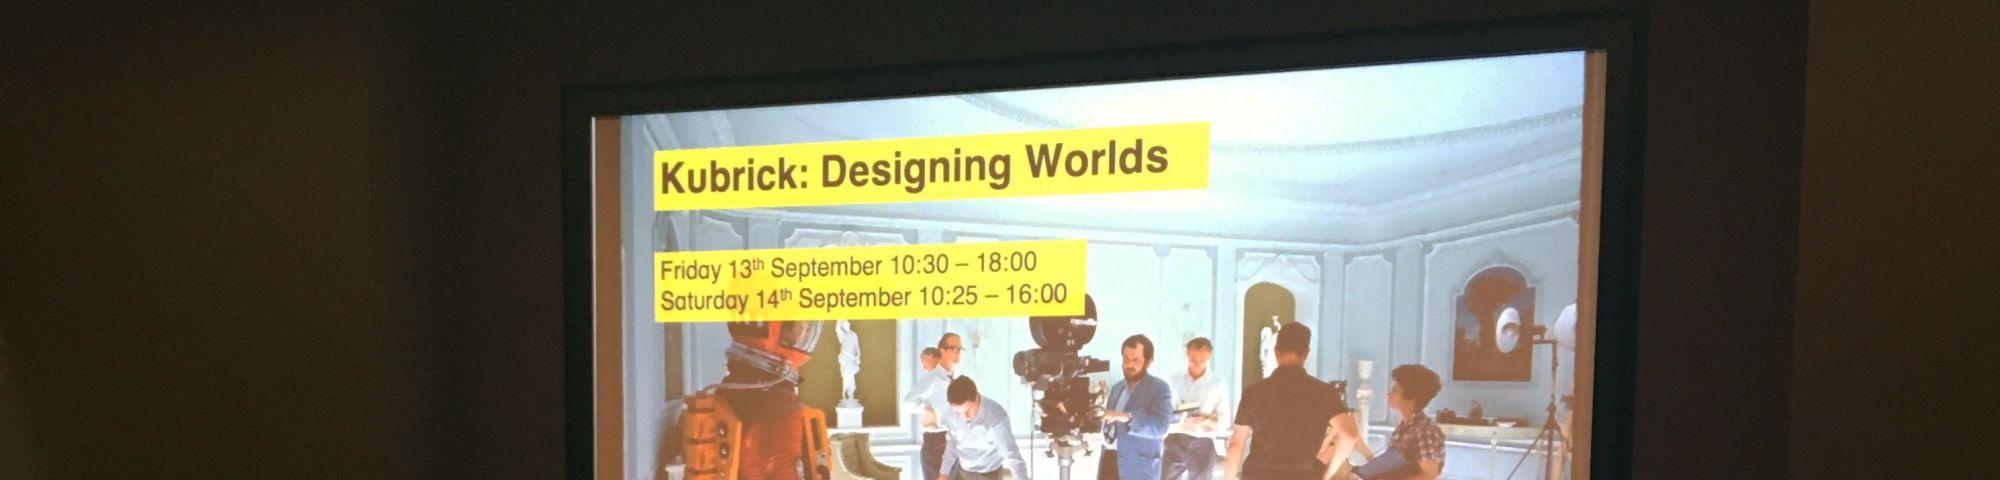 Kubrick: Designing Worlds Symposium